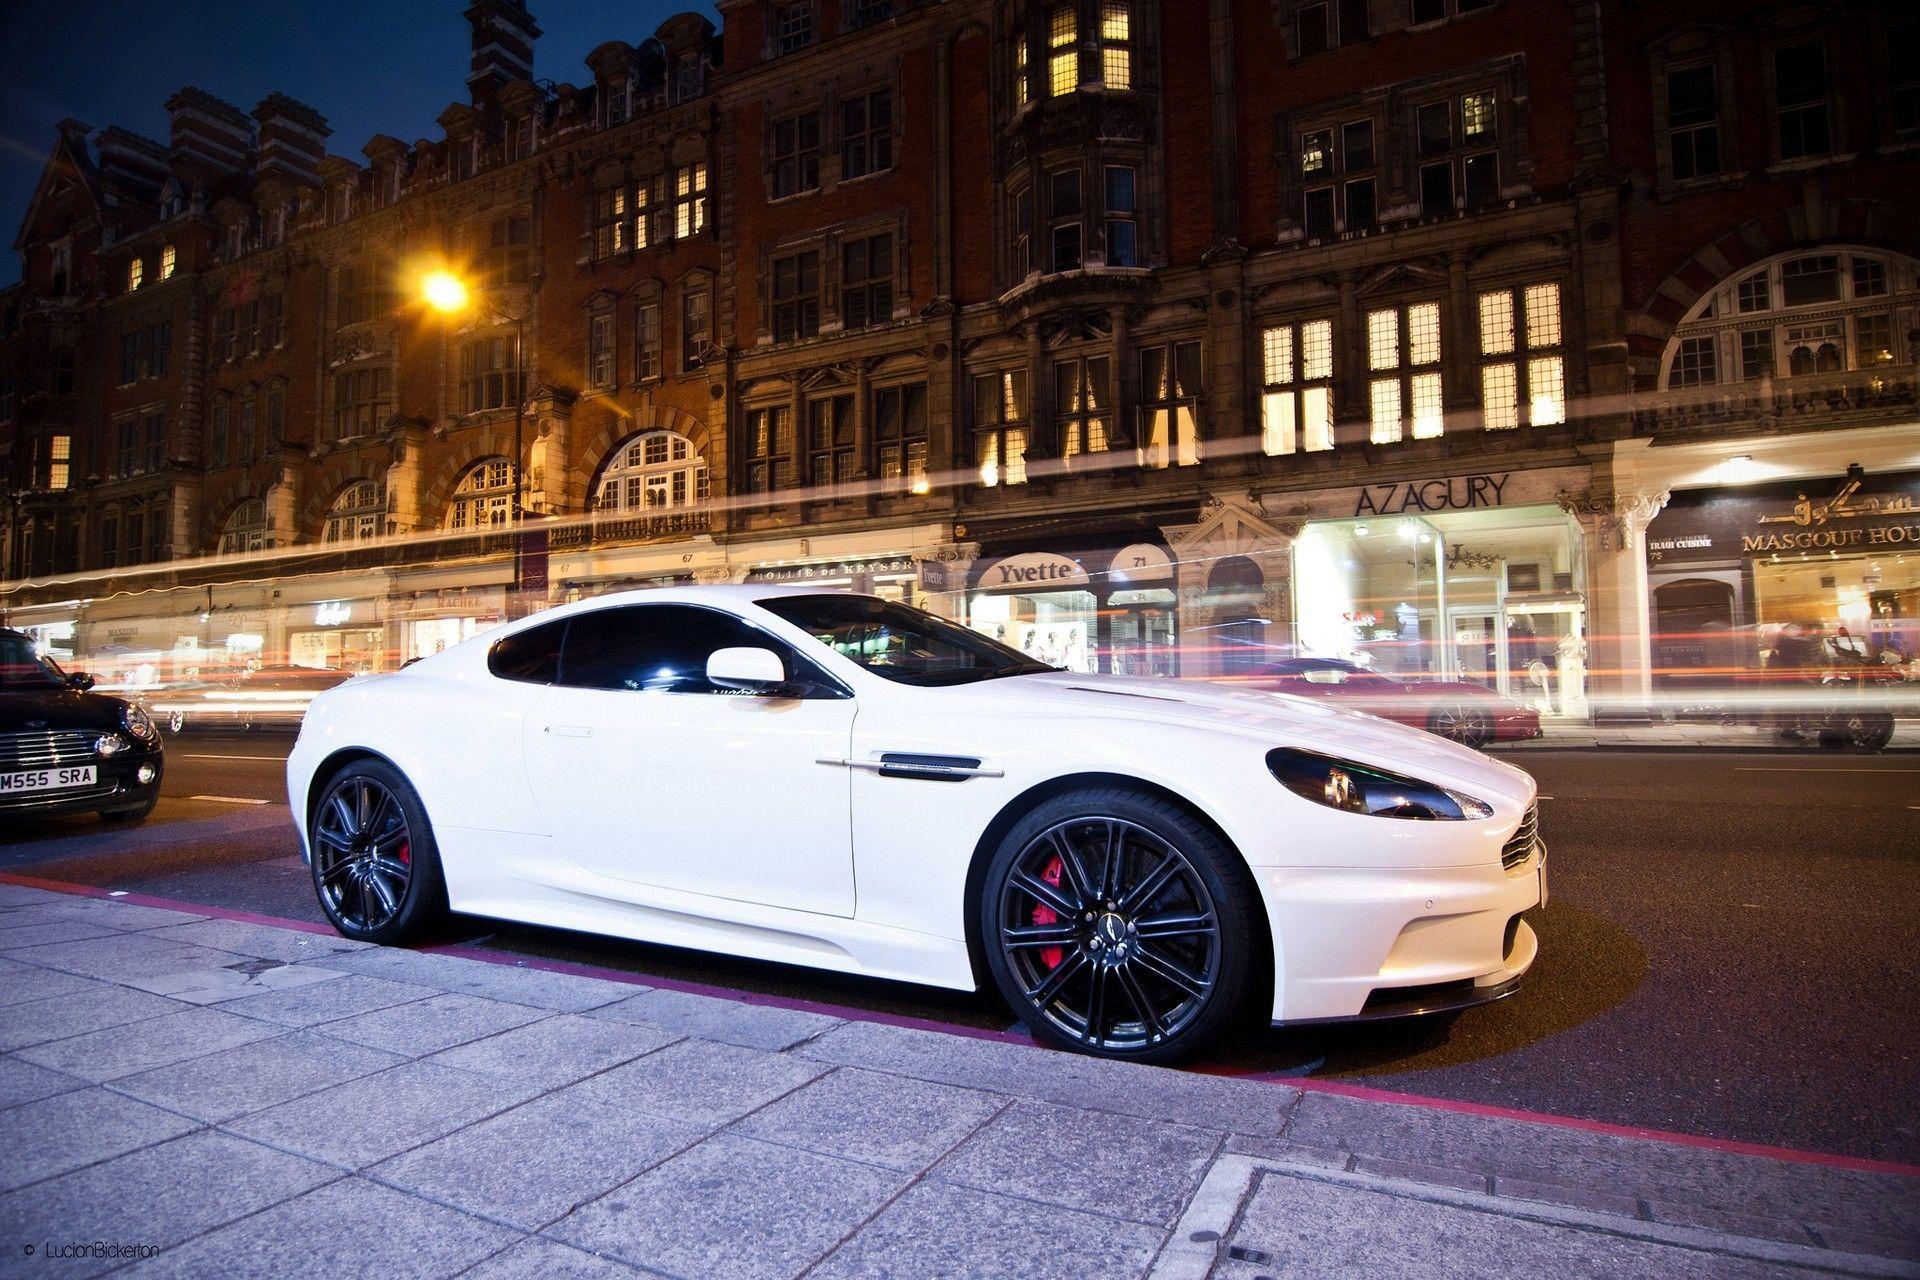 Cars Urban White Aston Martin Dbs Wallpaper Aston Martin Aston Martin Dbs Aston